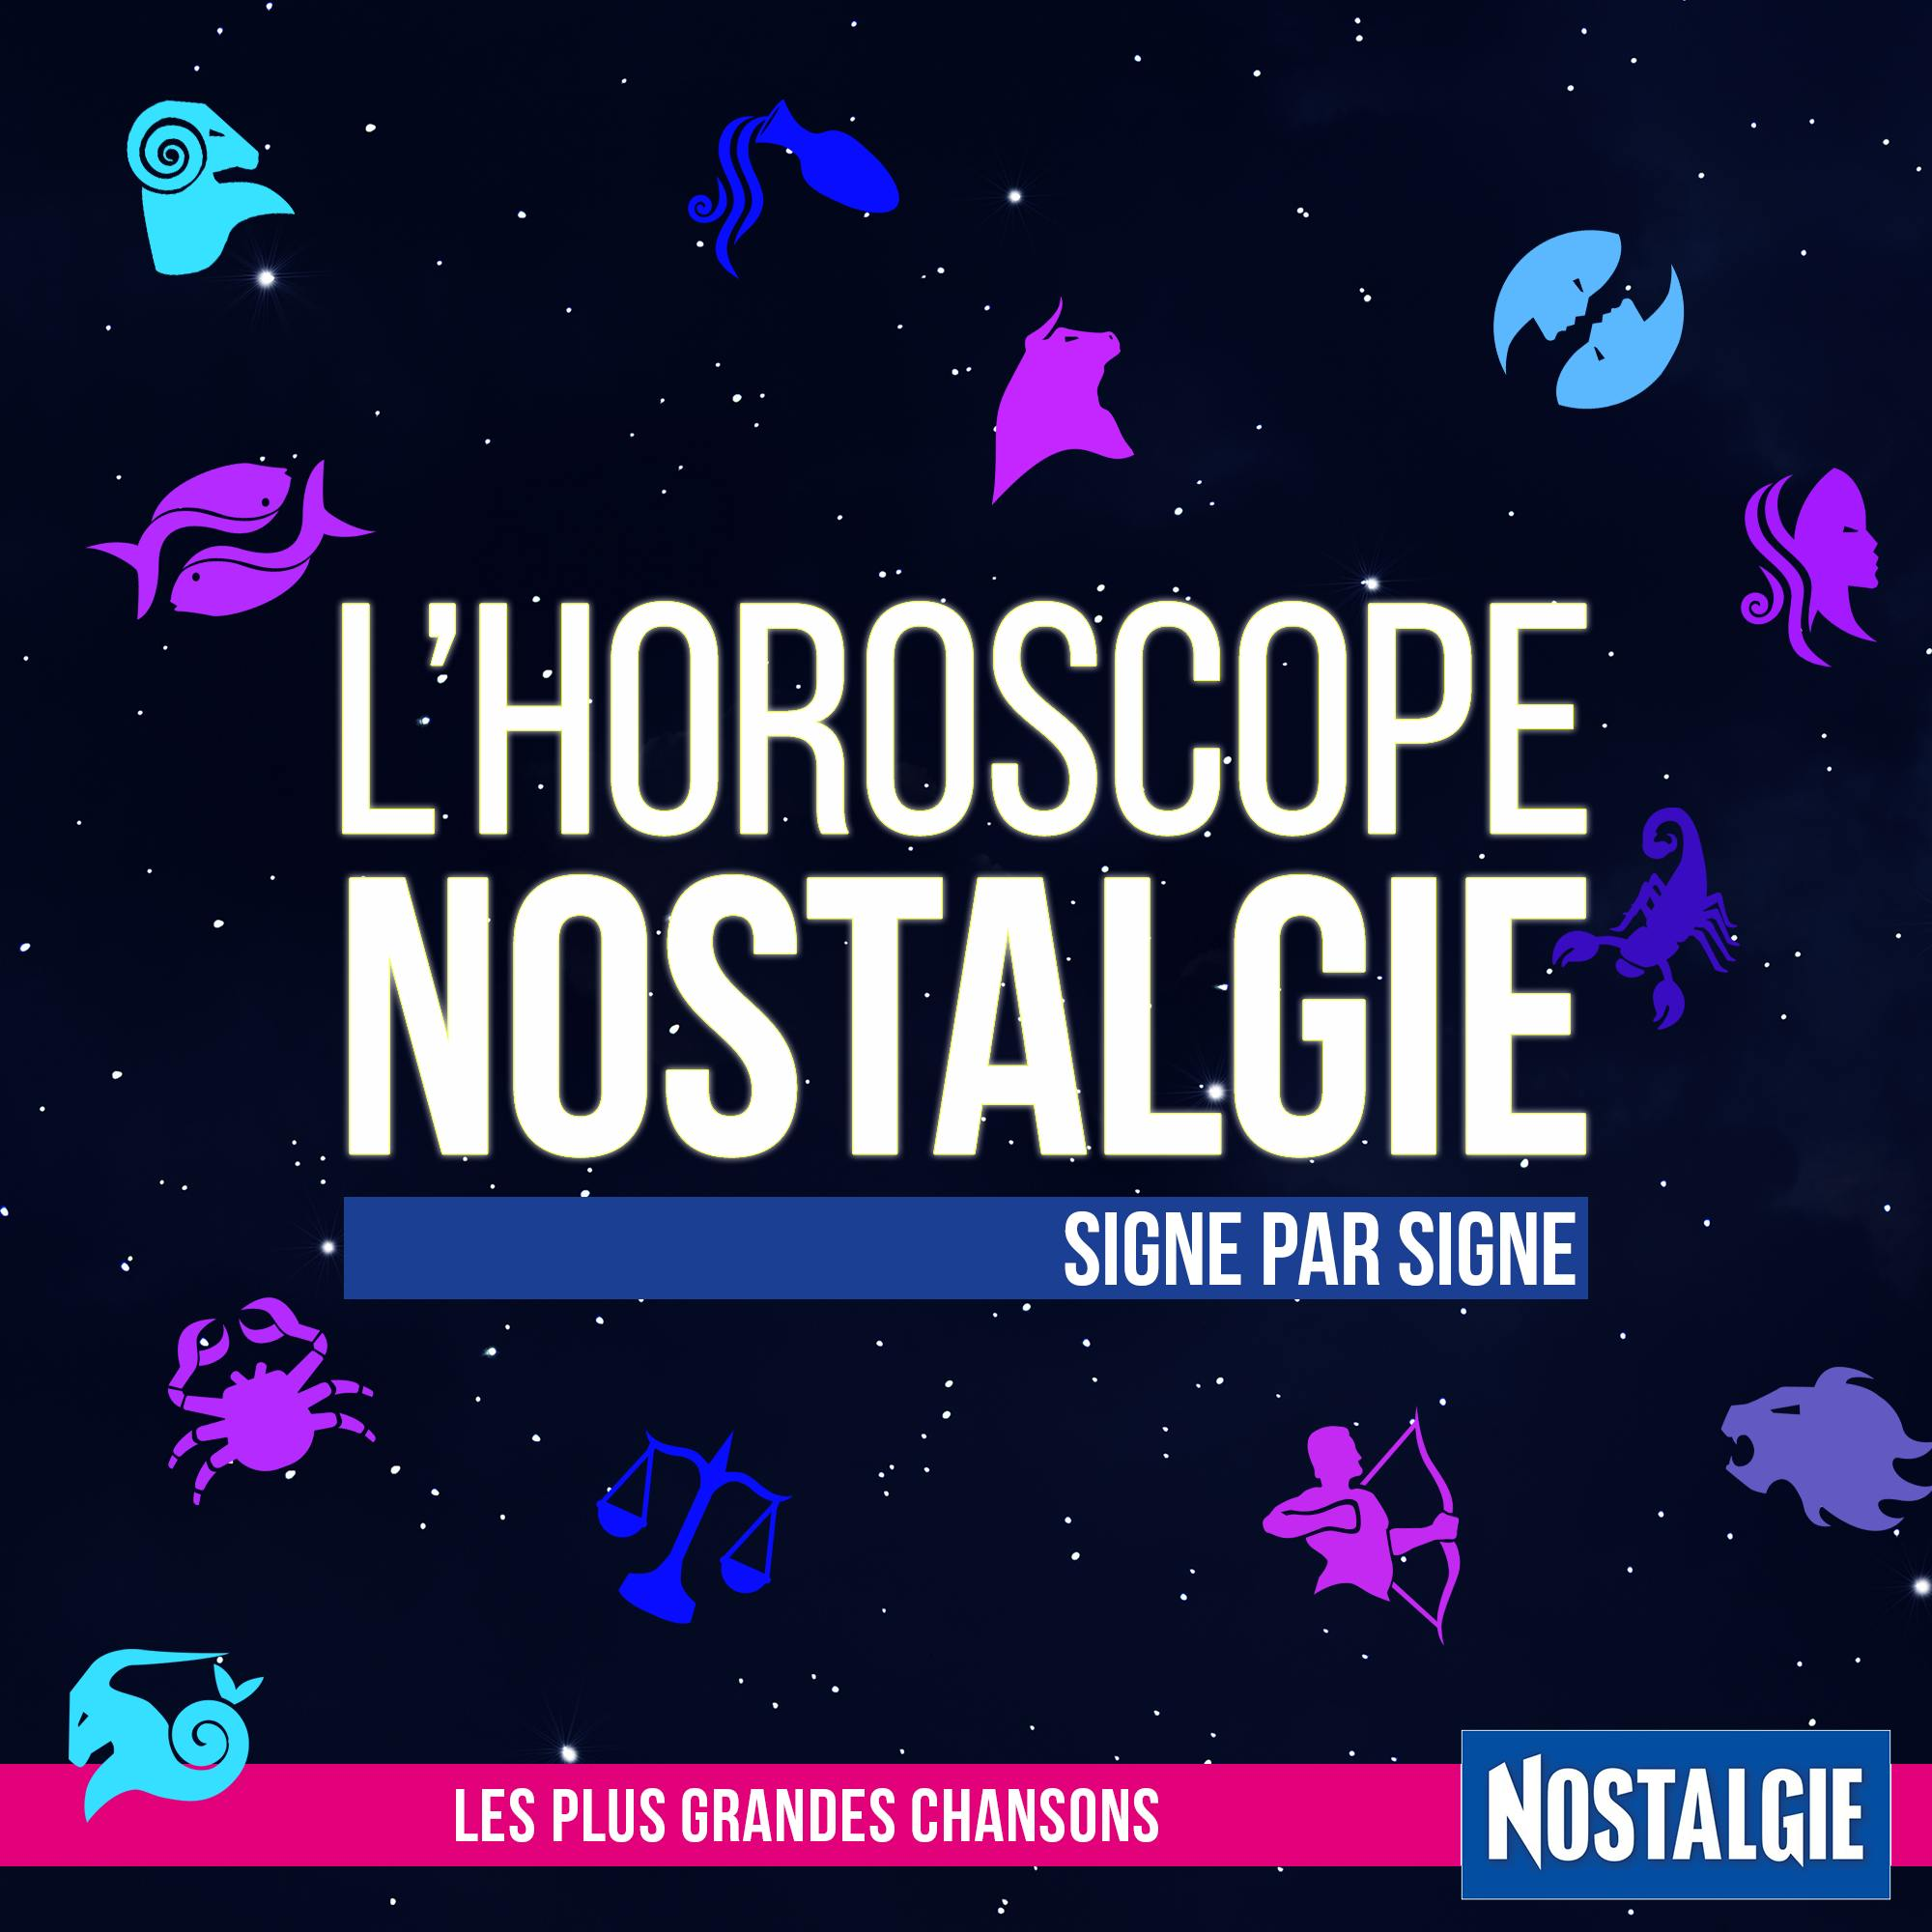 Image 1: Nostalgie L Horoscope